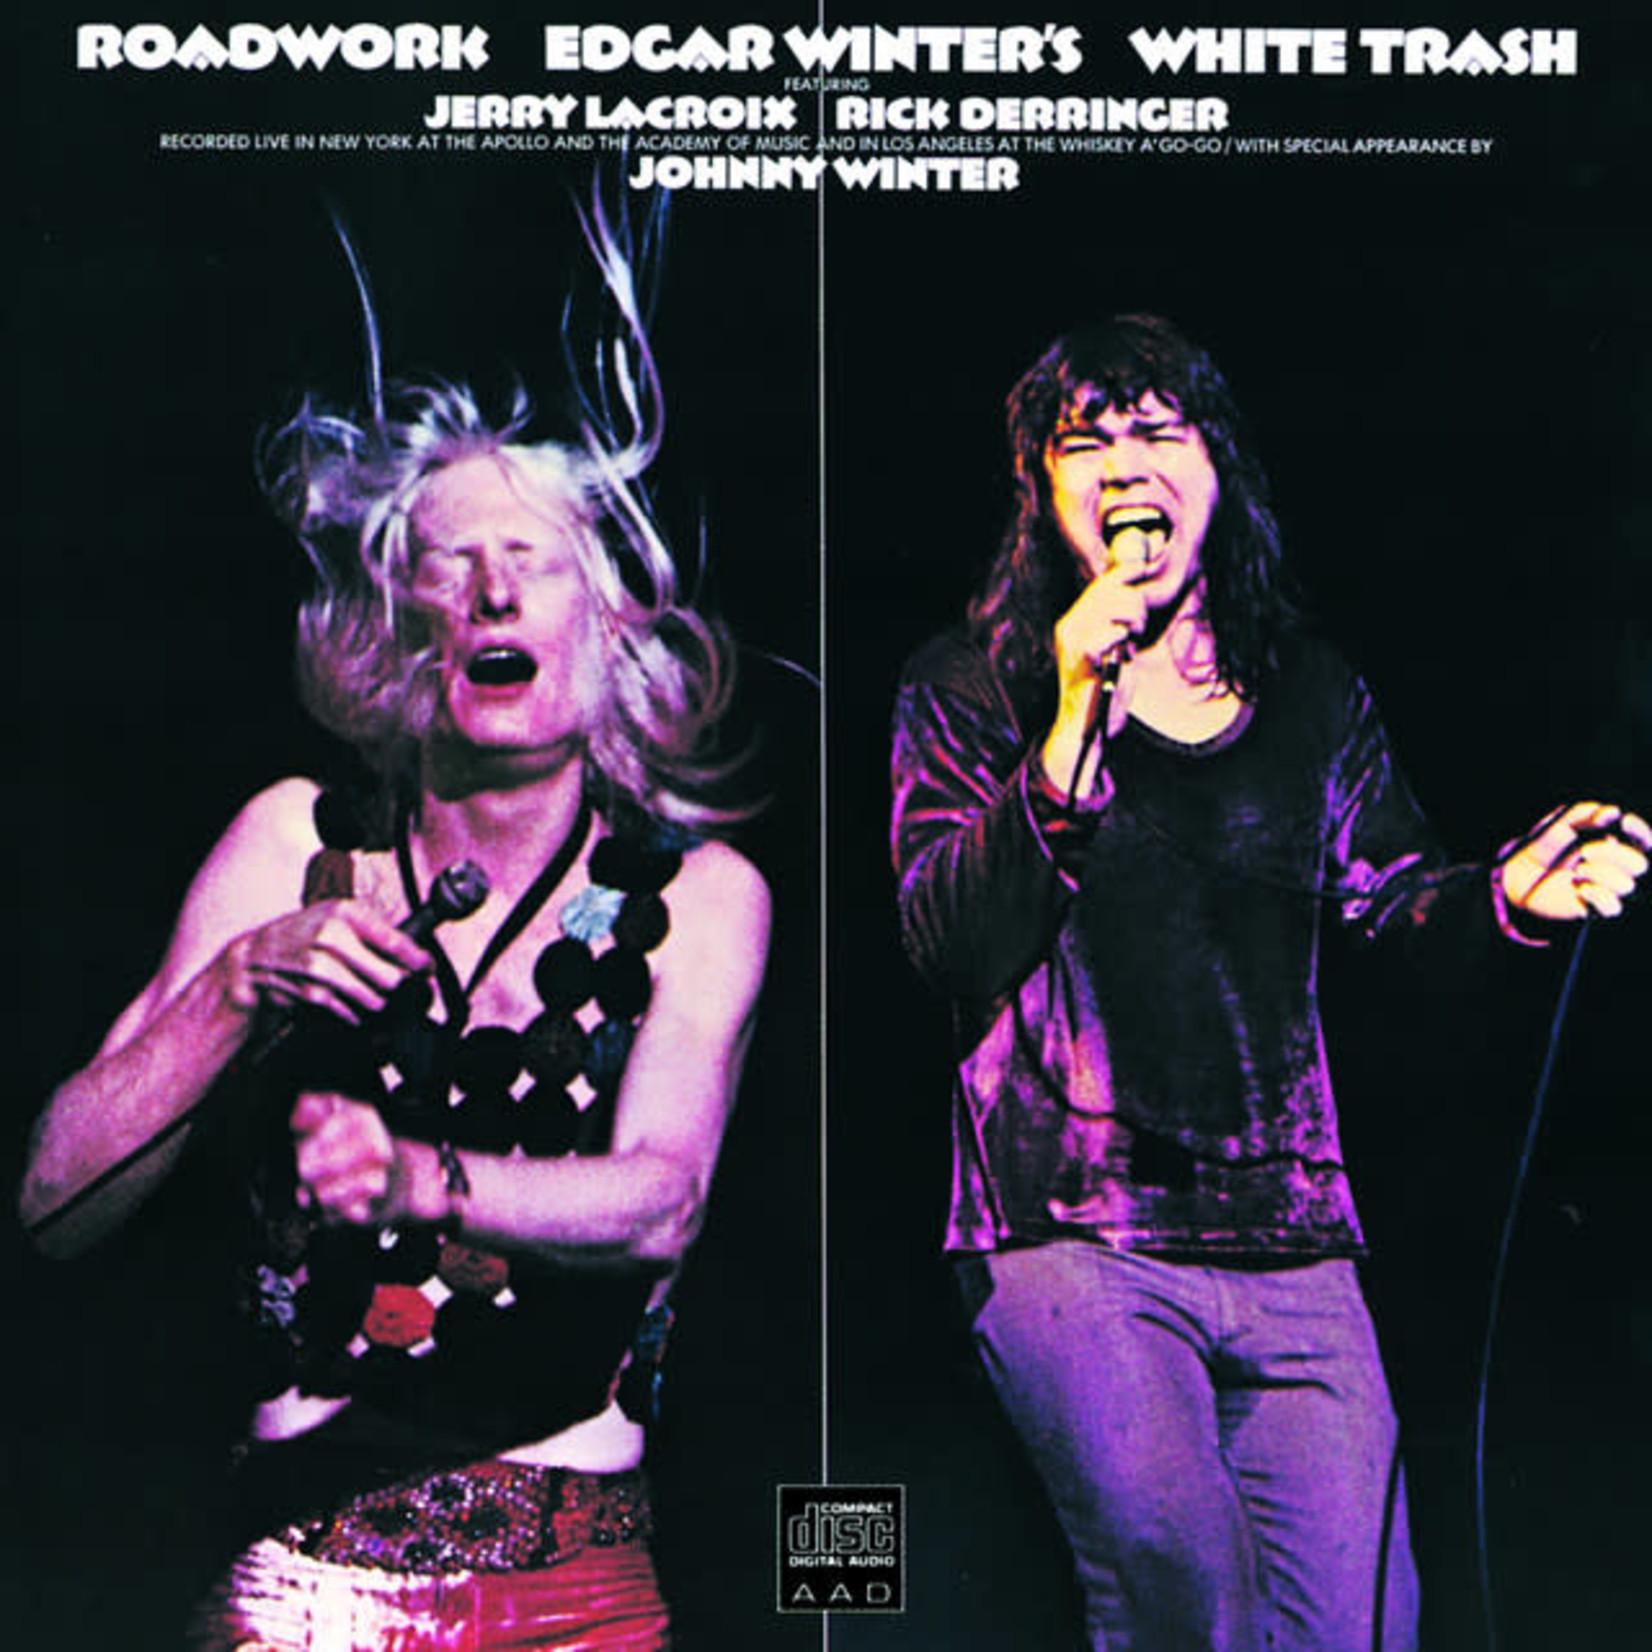 Vinyl Edgar Winter's White Trash - Roadwork